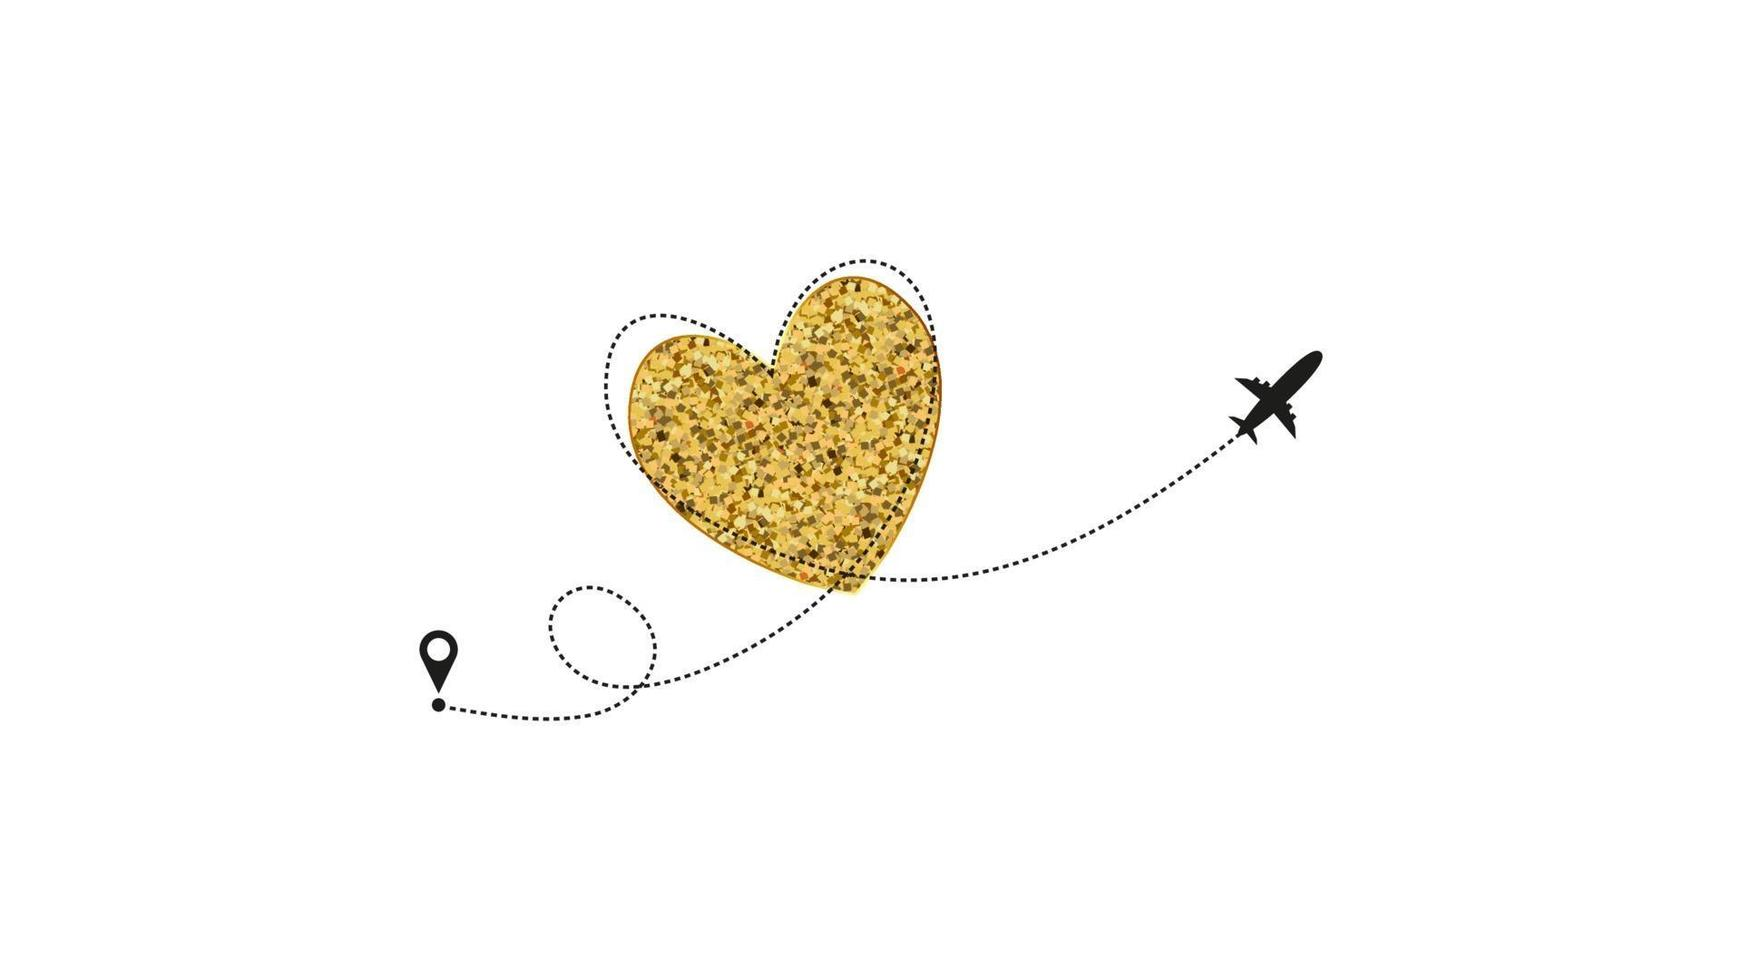 aime la route de l'avion. coeur d'or en pointillés trace de ligne et itinéraires d'avion isolés sur fond blanc. voyage de mariage romantique, voyage de noces. dessin de chemin d'avion cœur. vecteur